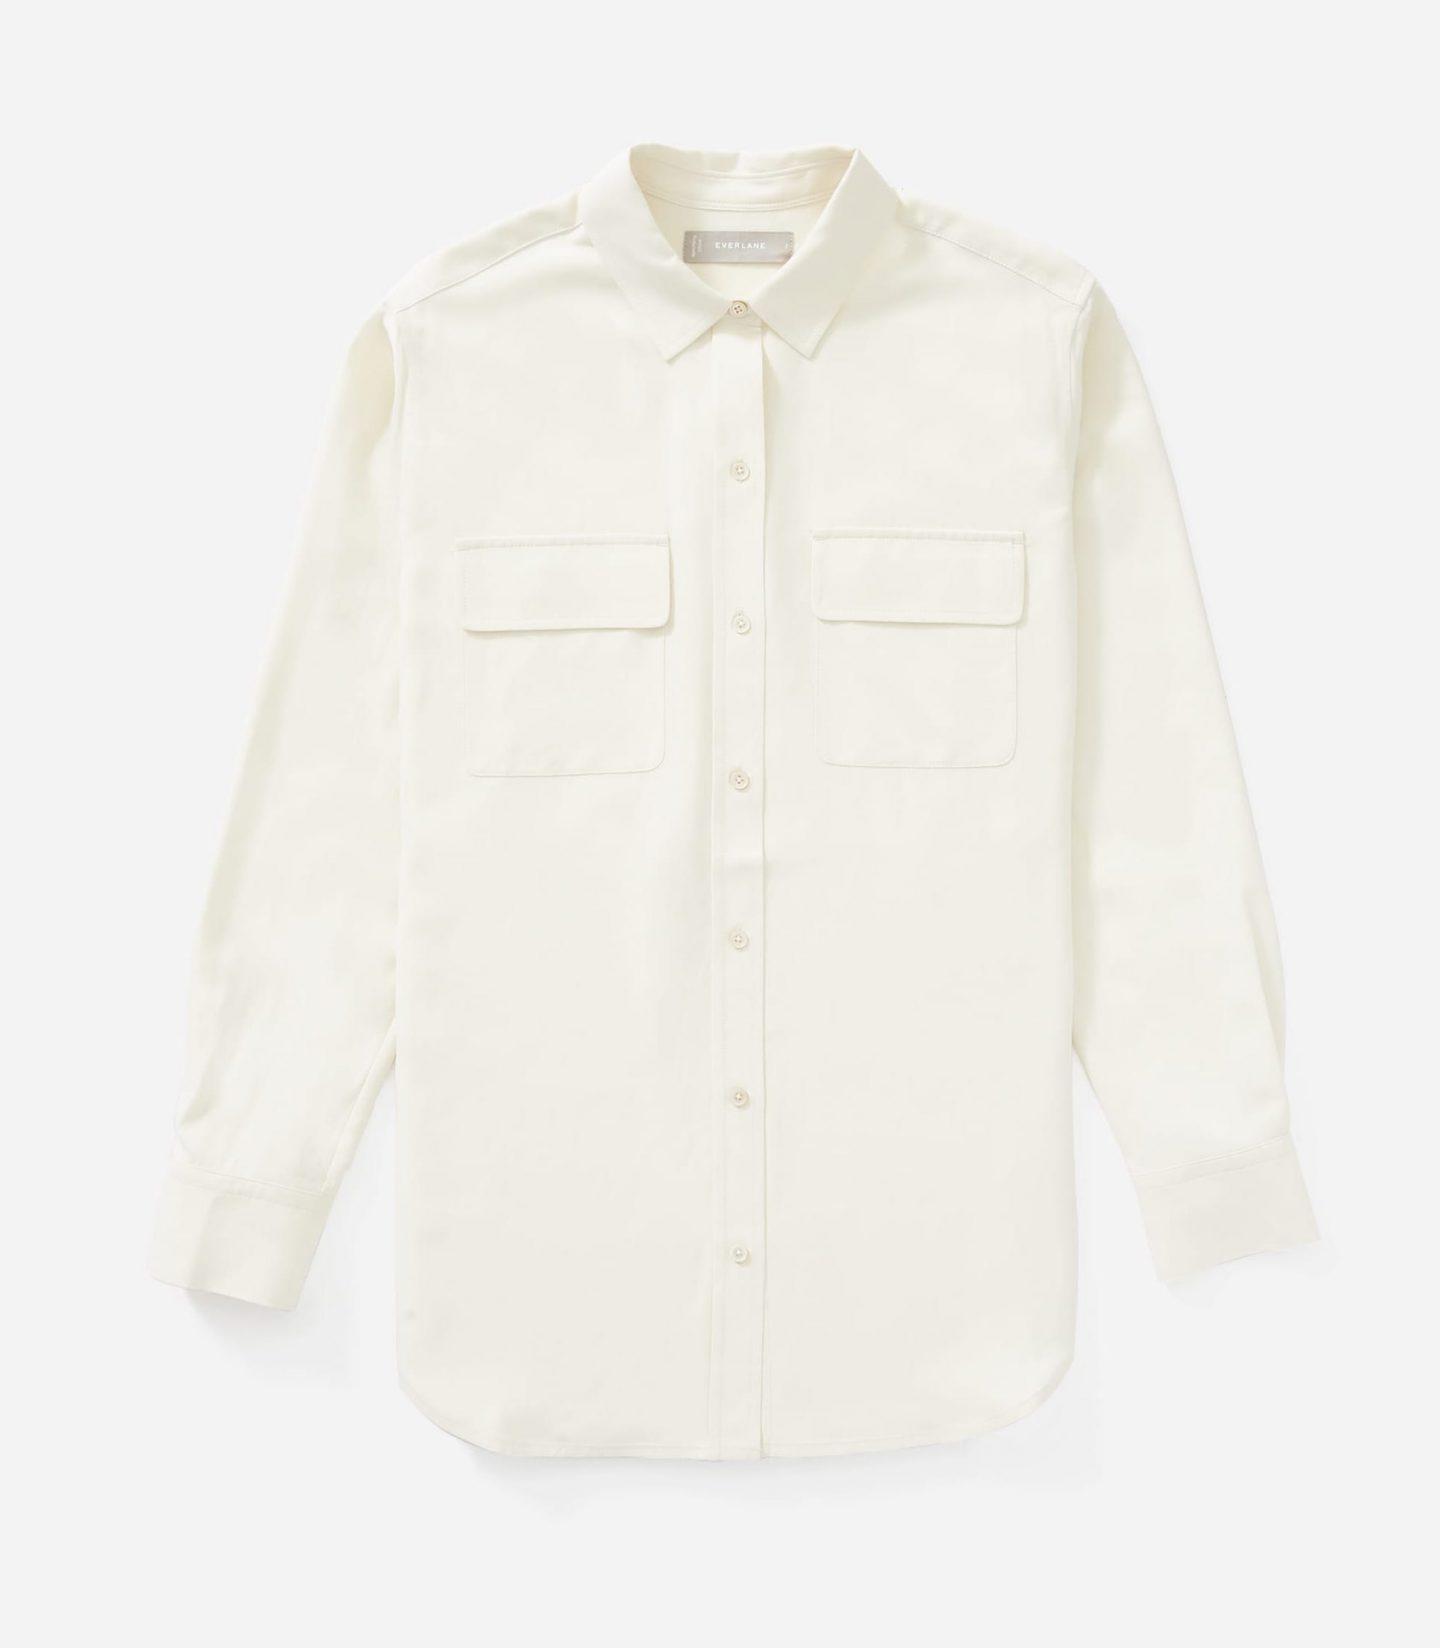 Sustainable basic white blouse